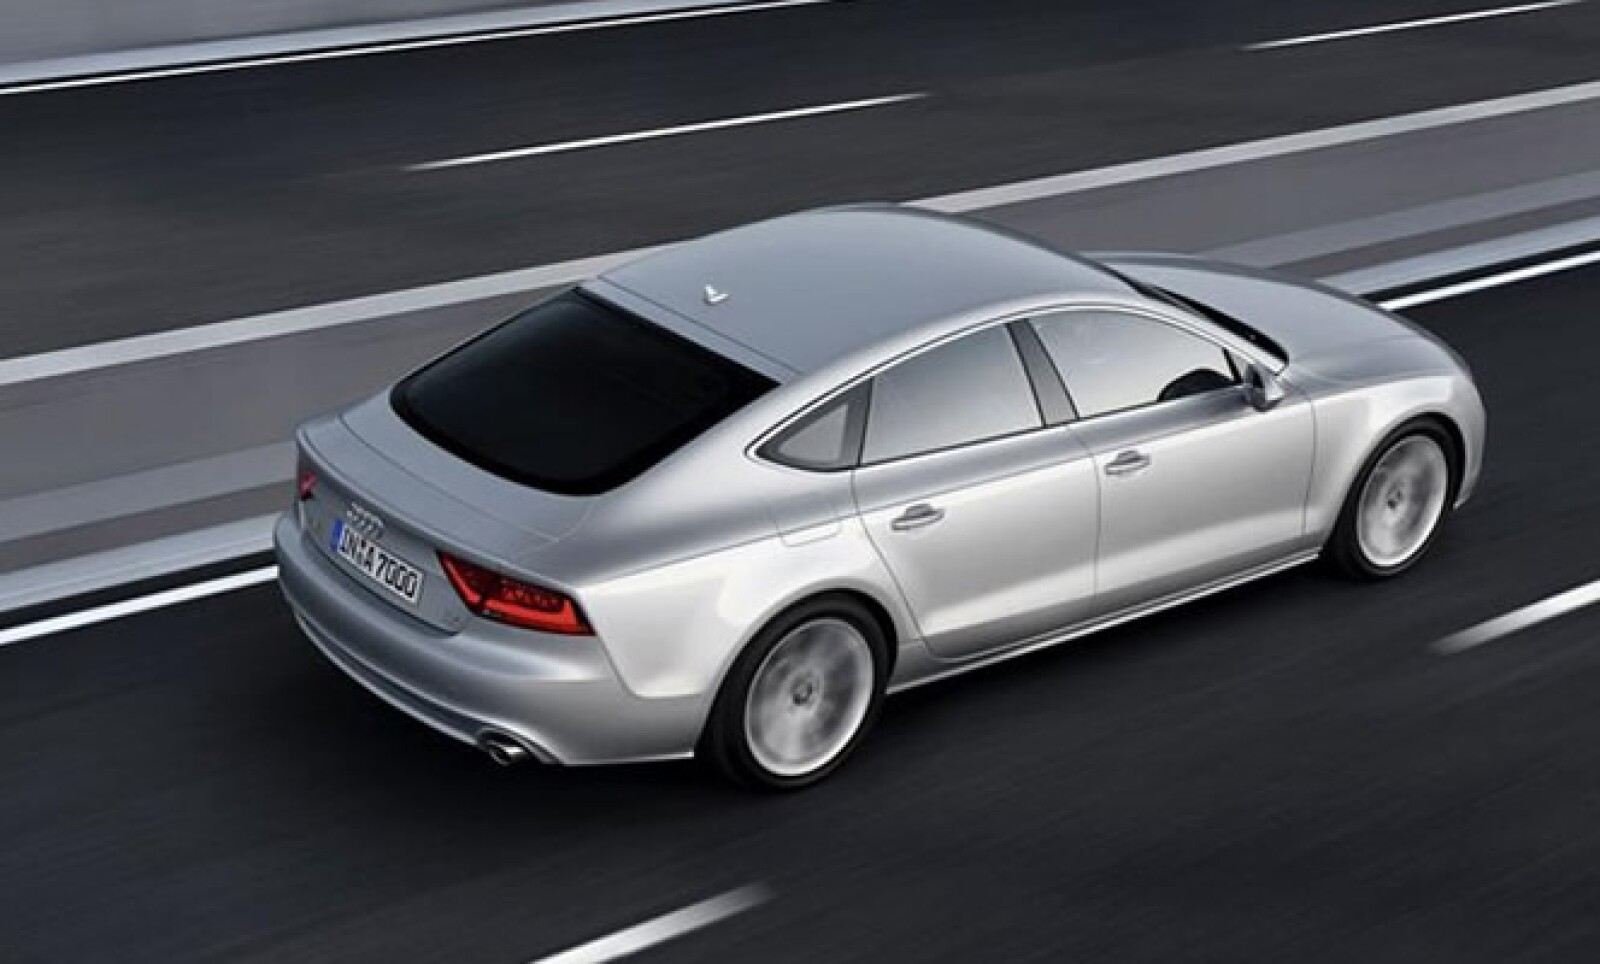 Se espera que este modelo haga su aparición a finales de 2010 en México, aún sin precio determinado.